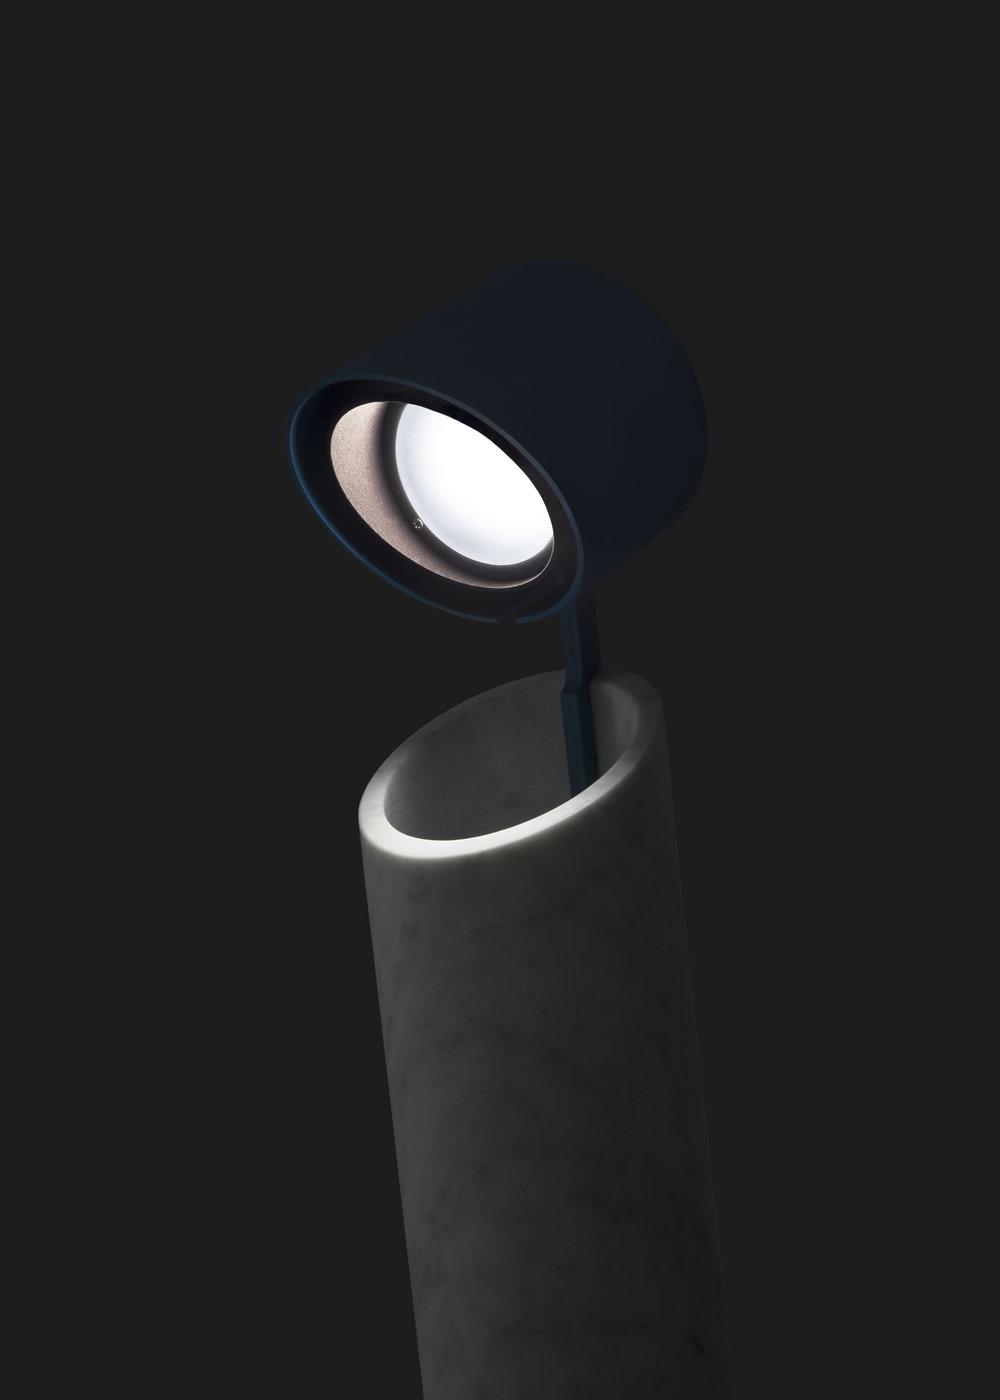 italic-light_lighting-design_coordination-berlin_03.jpg